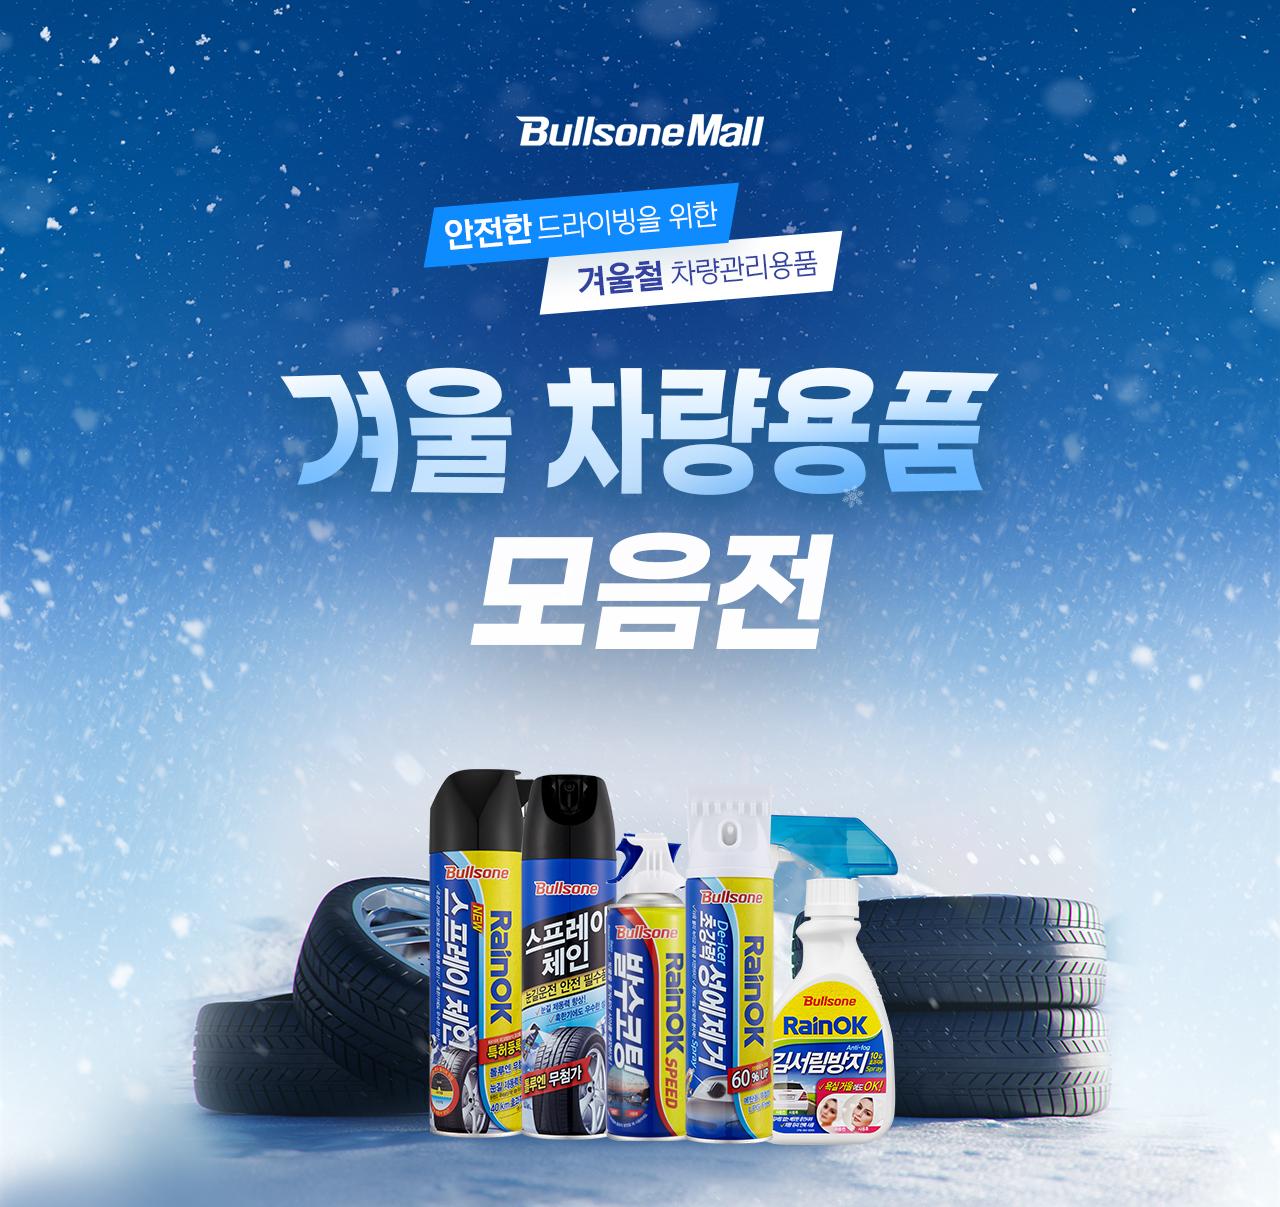 [불스원] 겨울차량용품 기획전